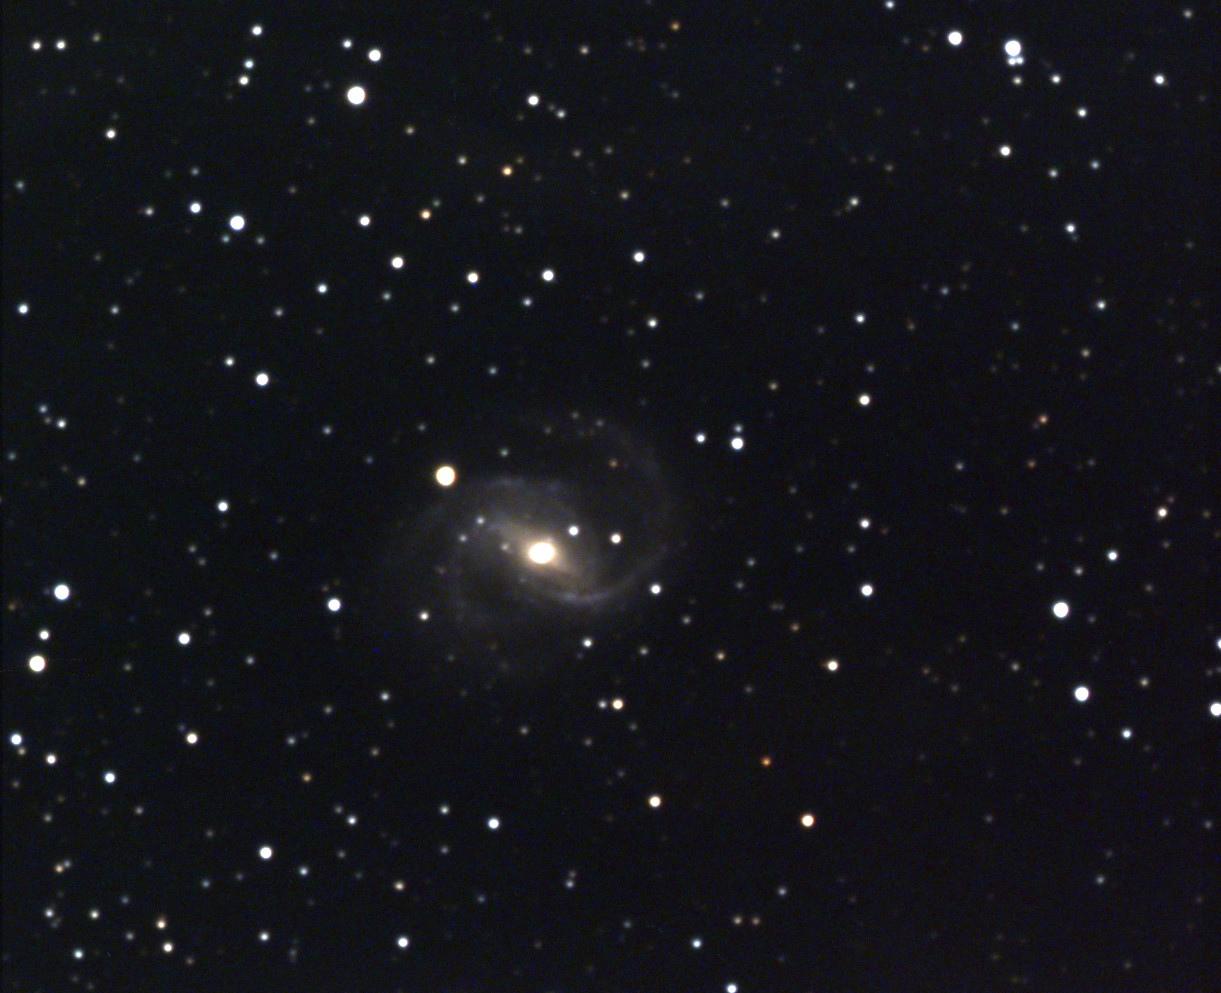 5d4858273d682_NGC6951_LH@RVB_232.jpg.3d39d019ccebebaafa5e54586010796b.jpg